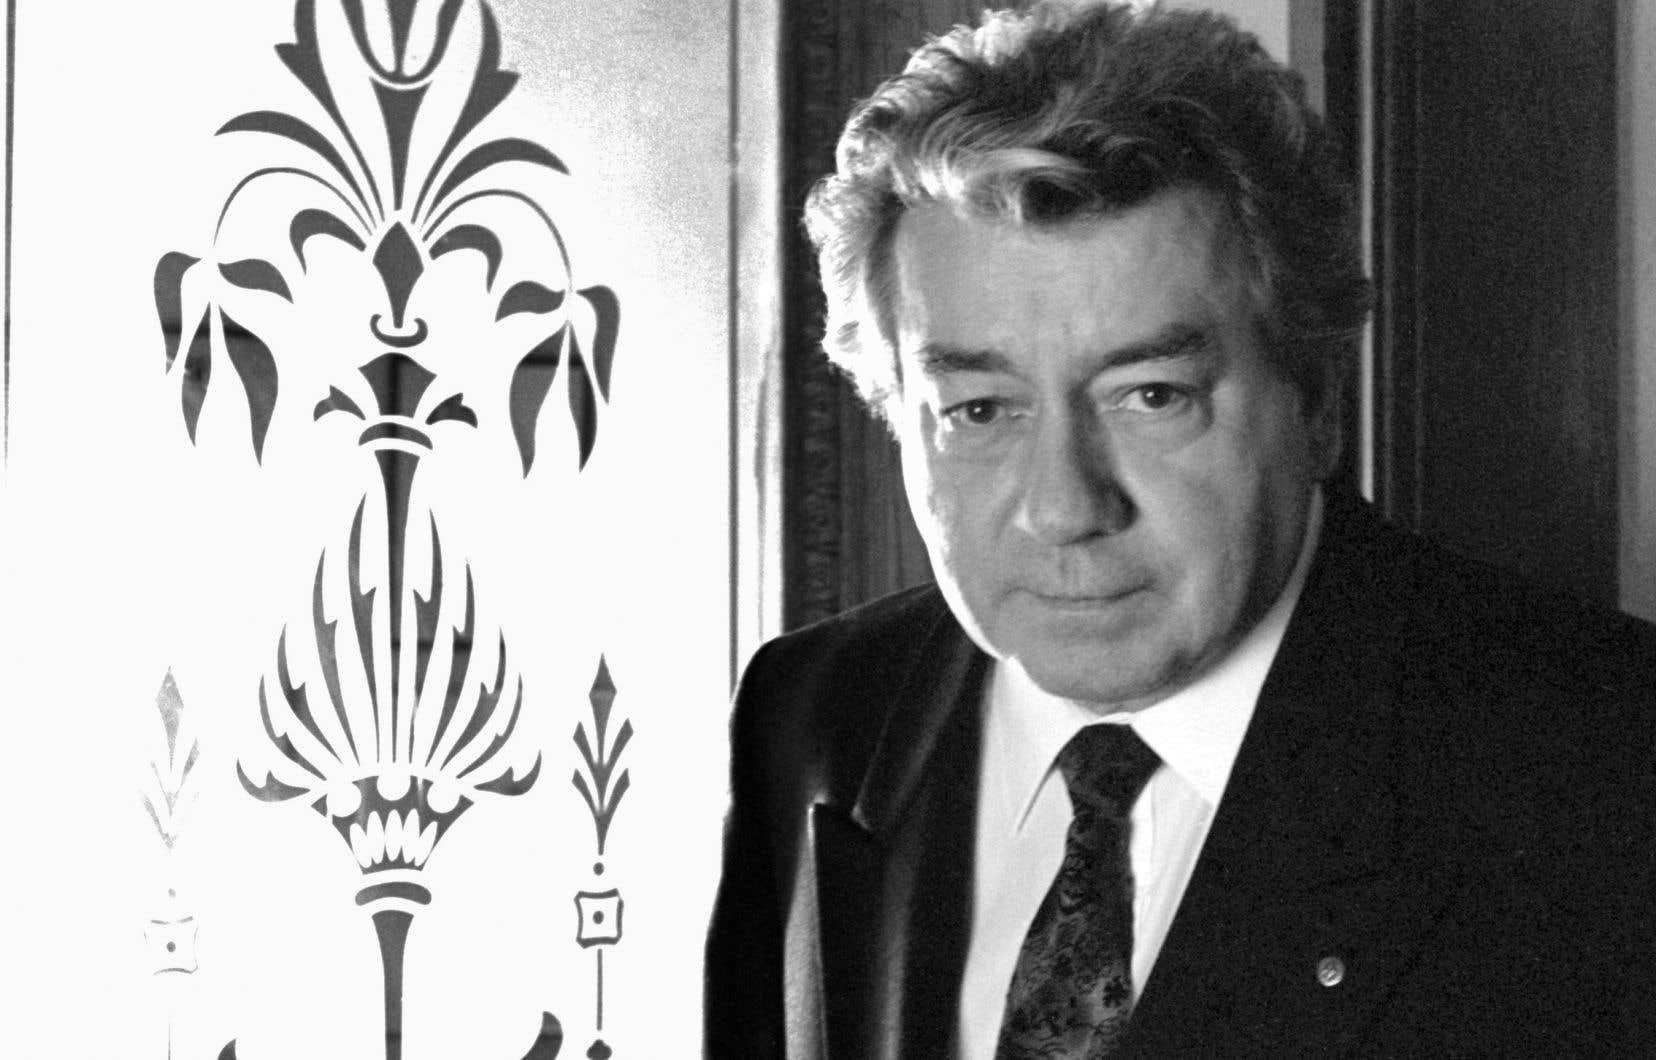 En tant que réalisateur puis chef des services culturels à Radio- Canada, où il a oeuvré durant 34 ans, Jean-Guy Pilon contribua aussi à donner une visibilité aux écrivains.